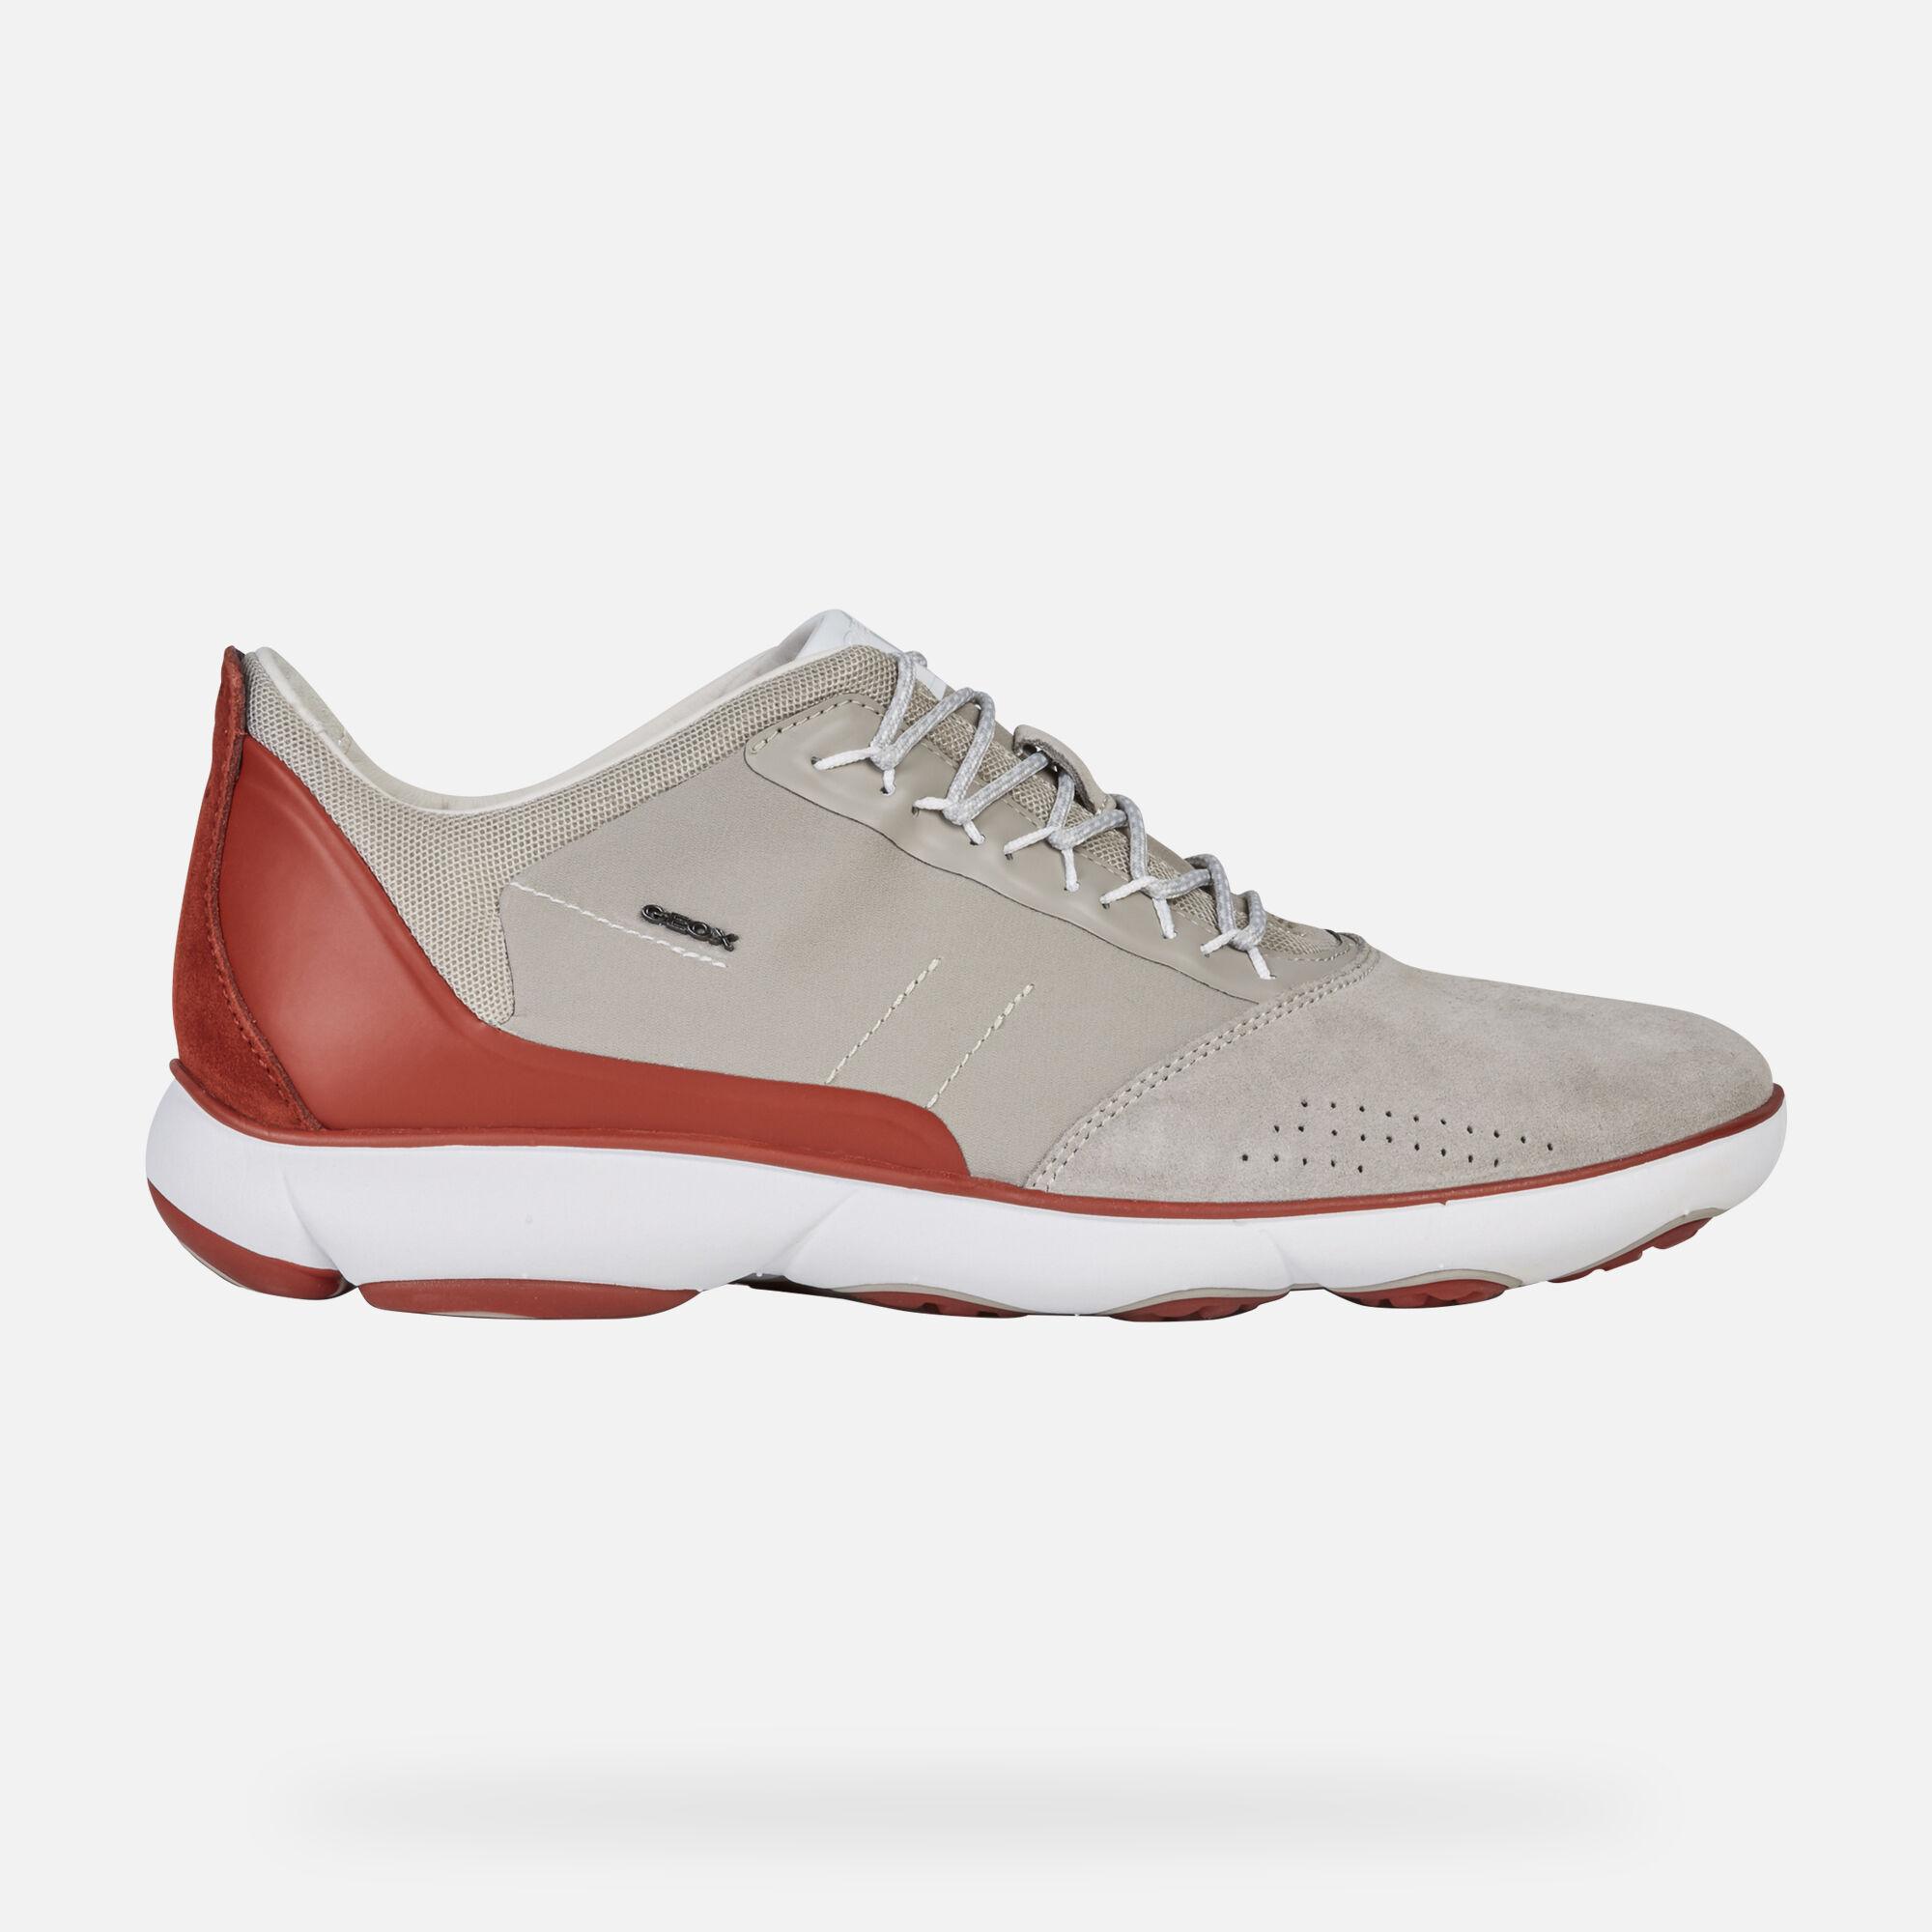 scarpe da ginnastica geox con luci, GEOX Giubbotto Rosso